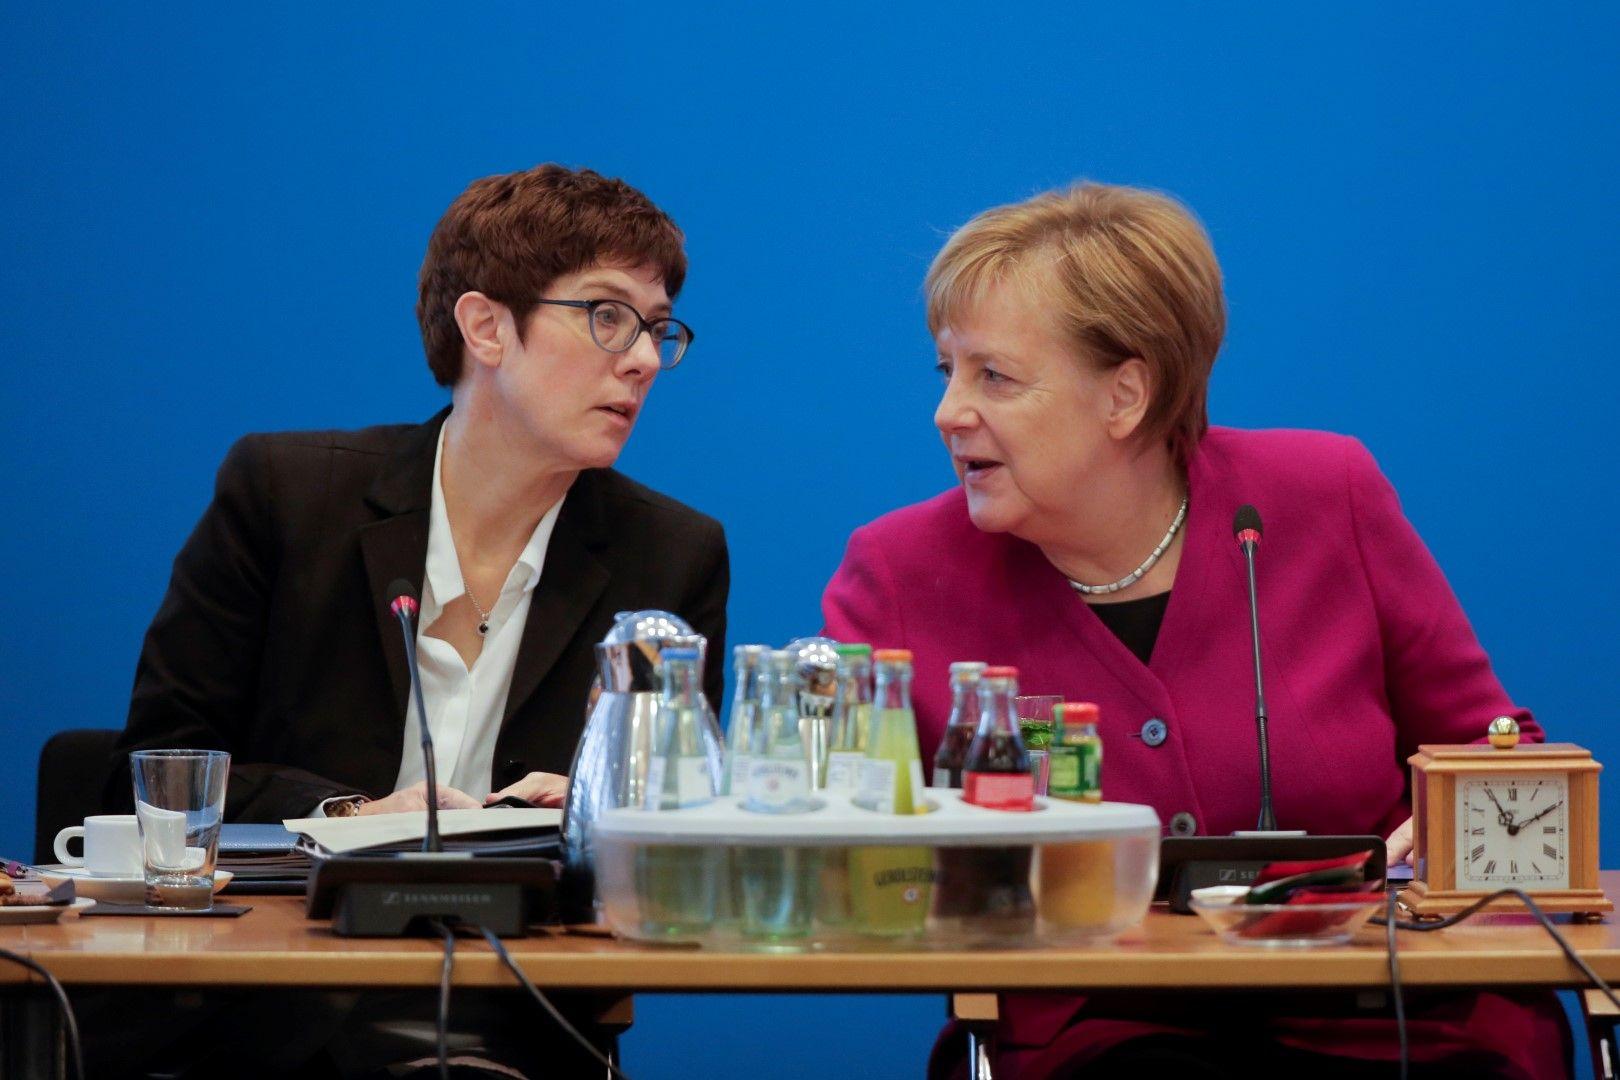 Генералният секретар на ХДС Анегрет Крамп-Каренбауер може да наследи Ангела Меркел на поста председател, а в бъдеще и канцлерския